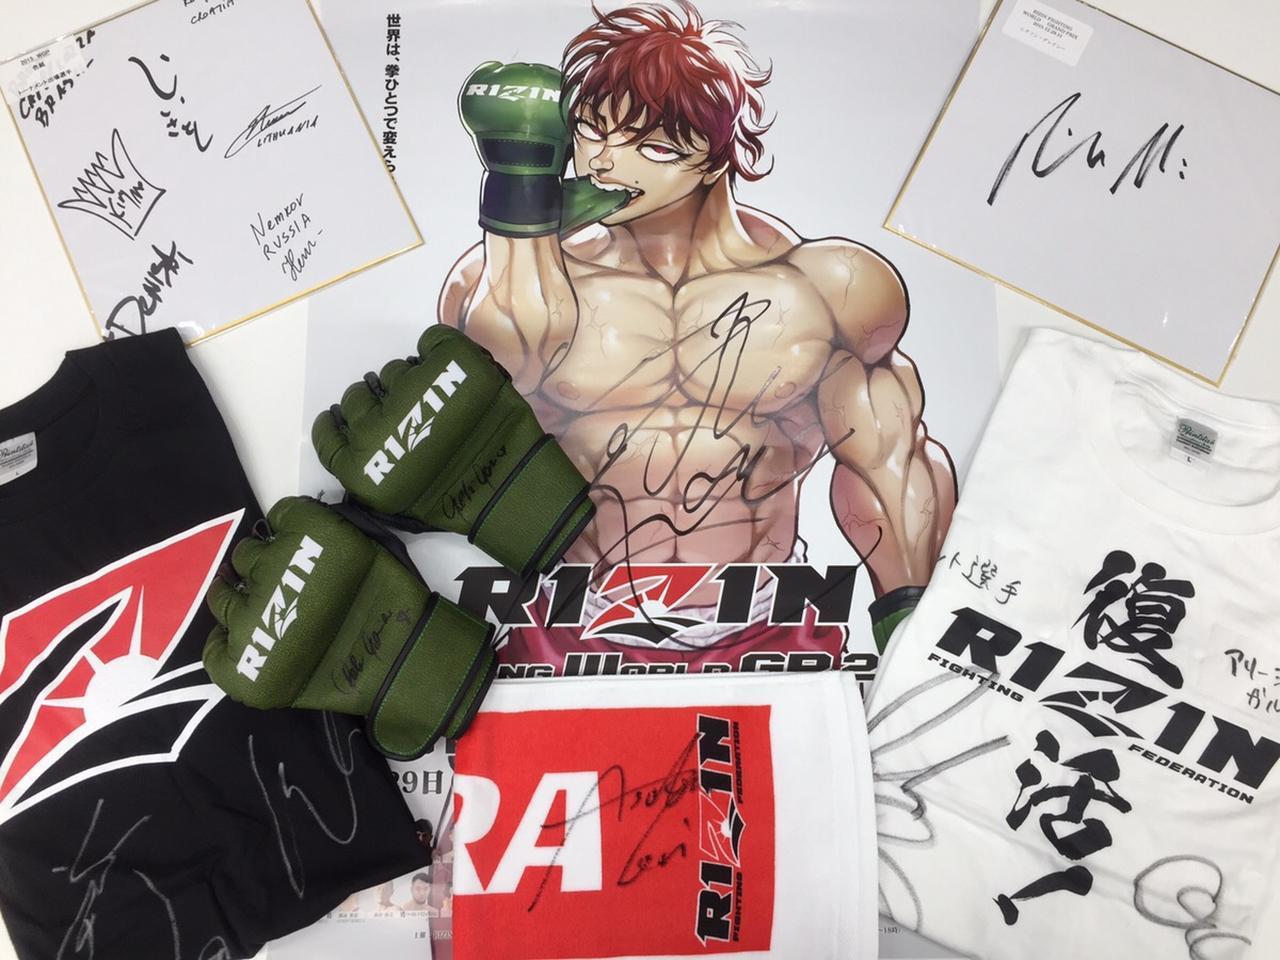 画像: 那須川天心選手、ジョシュ・バーネット選手、クロン・グレイシー選手など、錚々たるファイターのサイン入りグッズを大放出